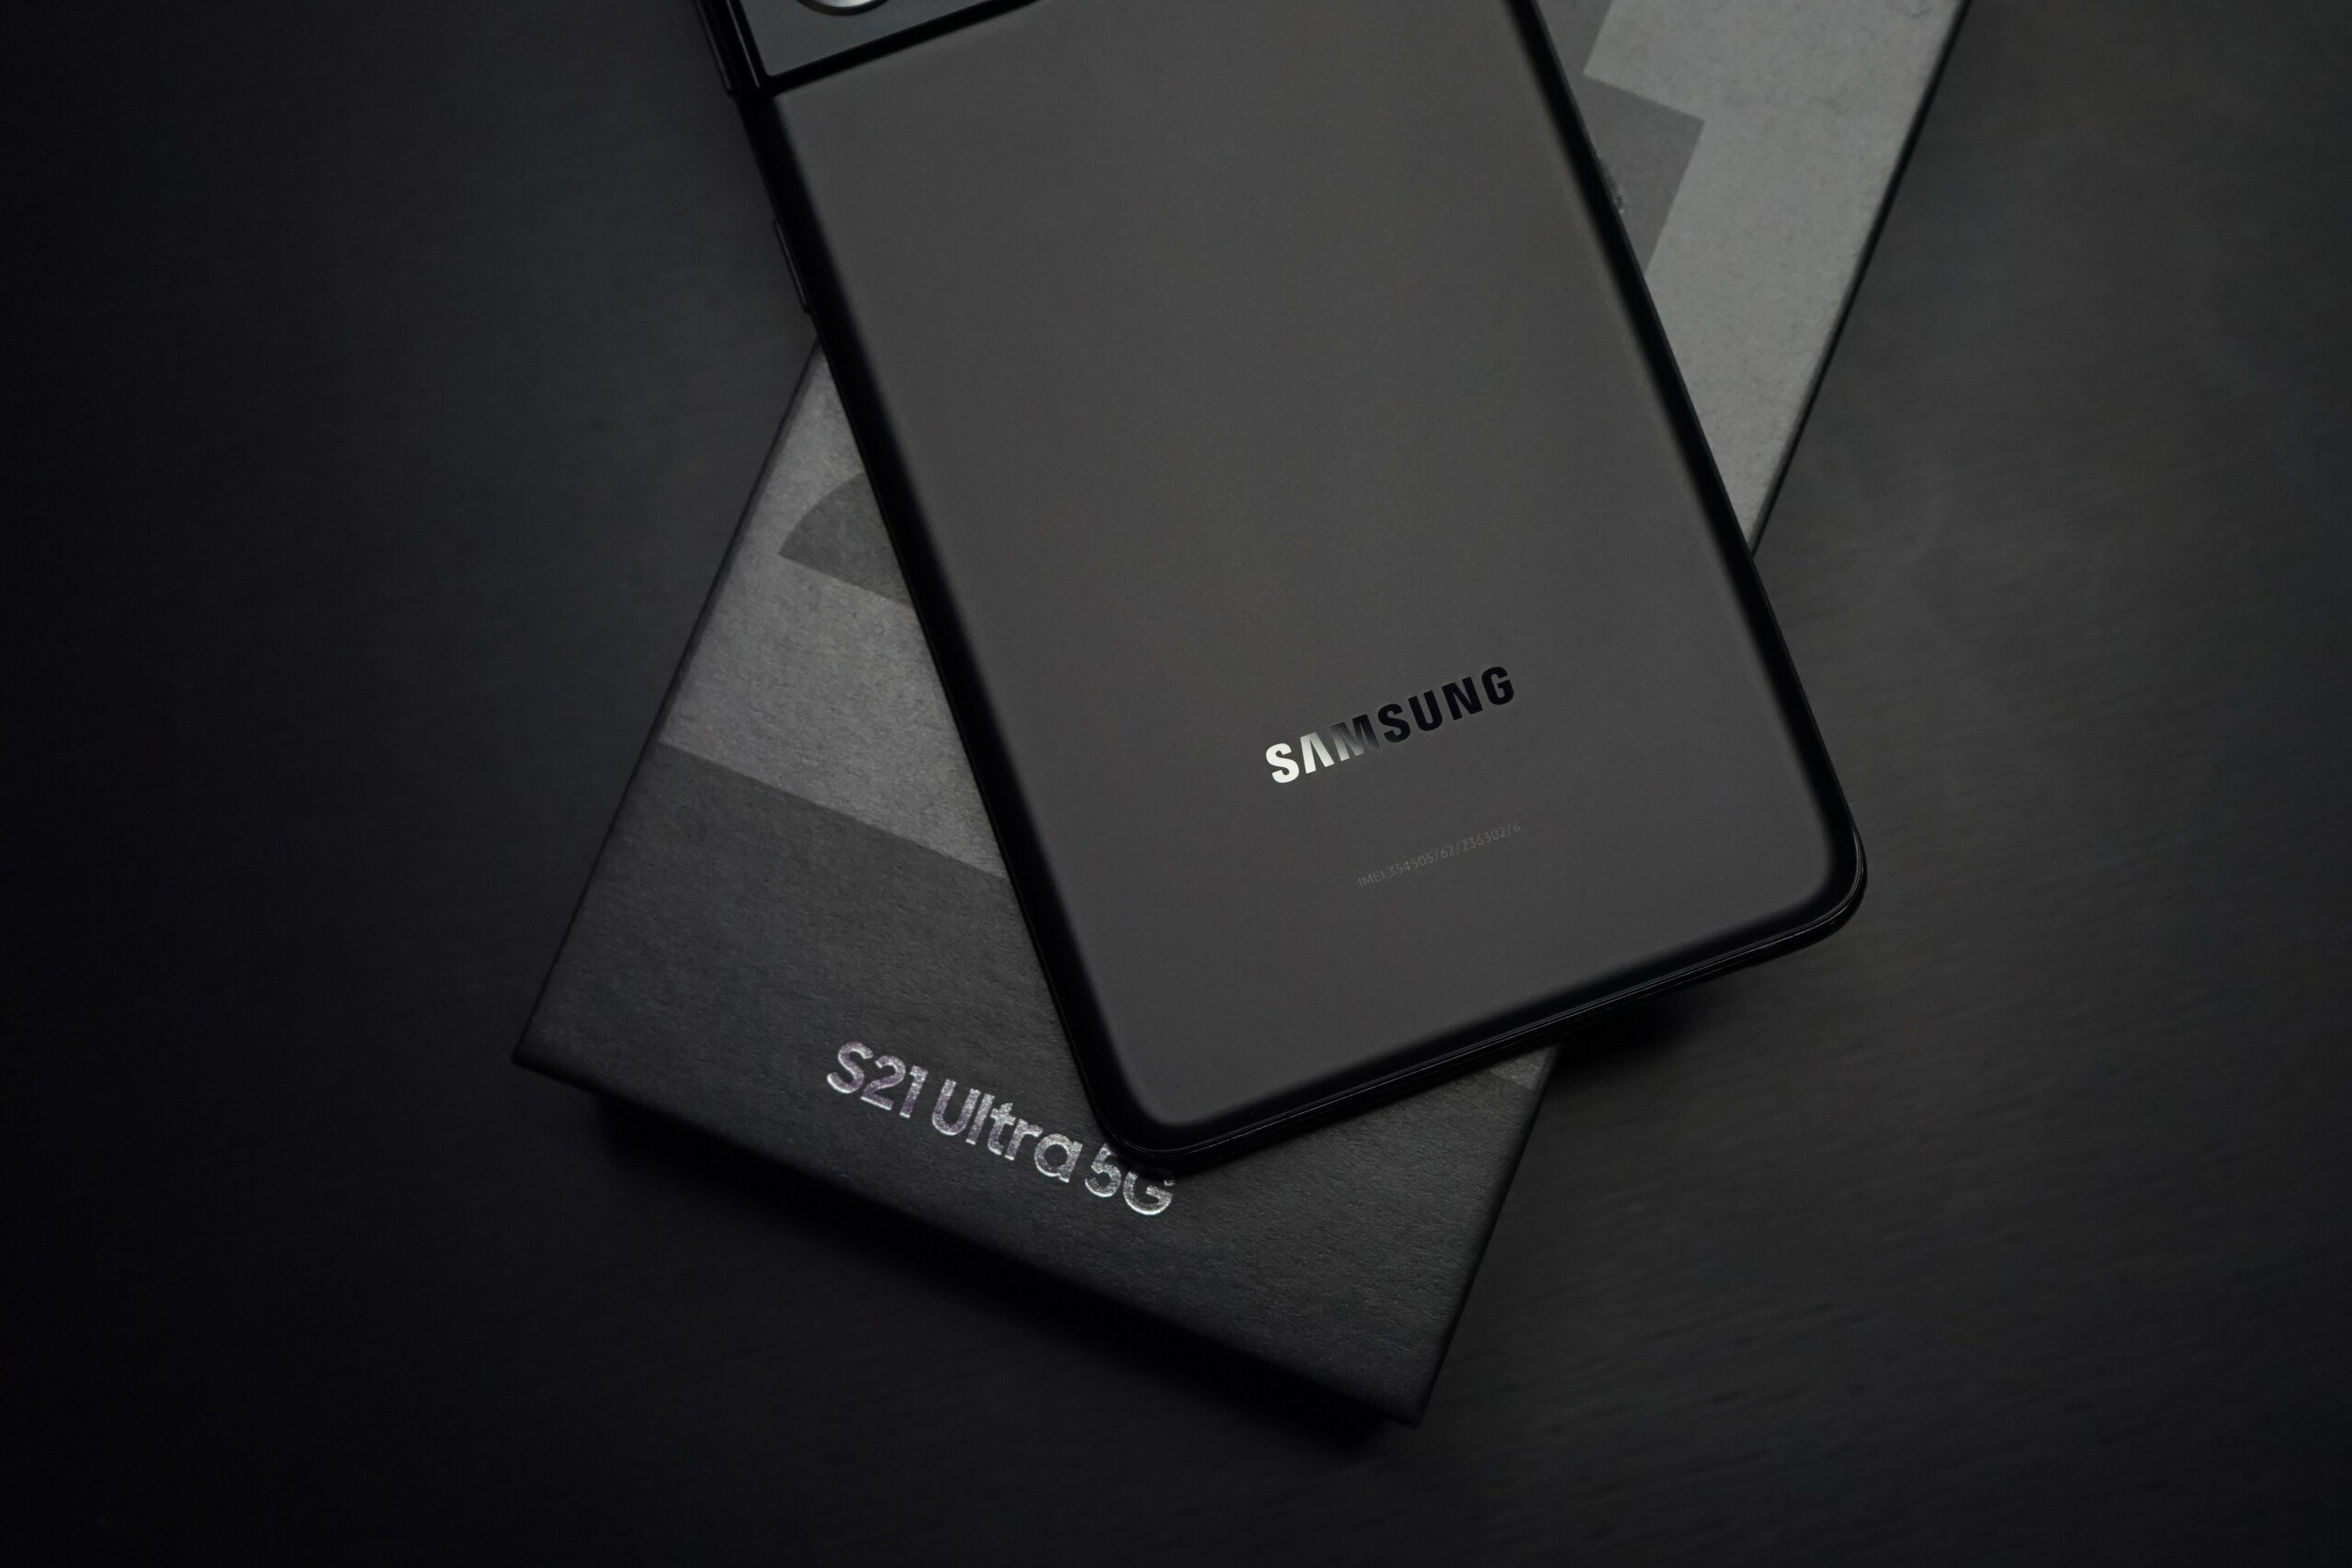 Samsung se retrouve coincé entre Xiaomi et Apple, ses ventes baissent en Europe